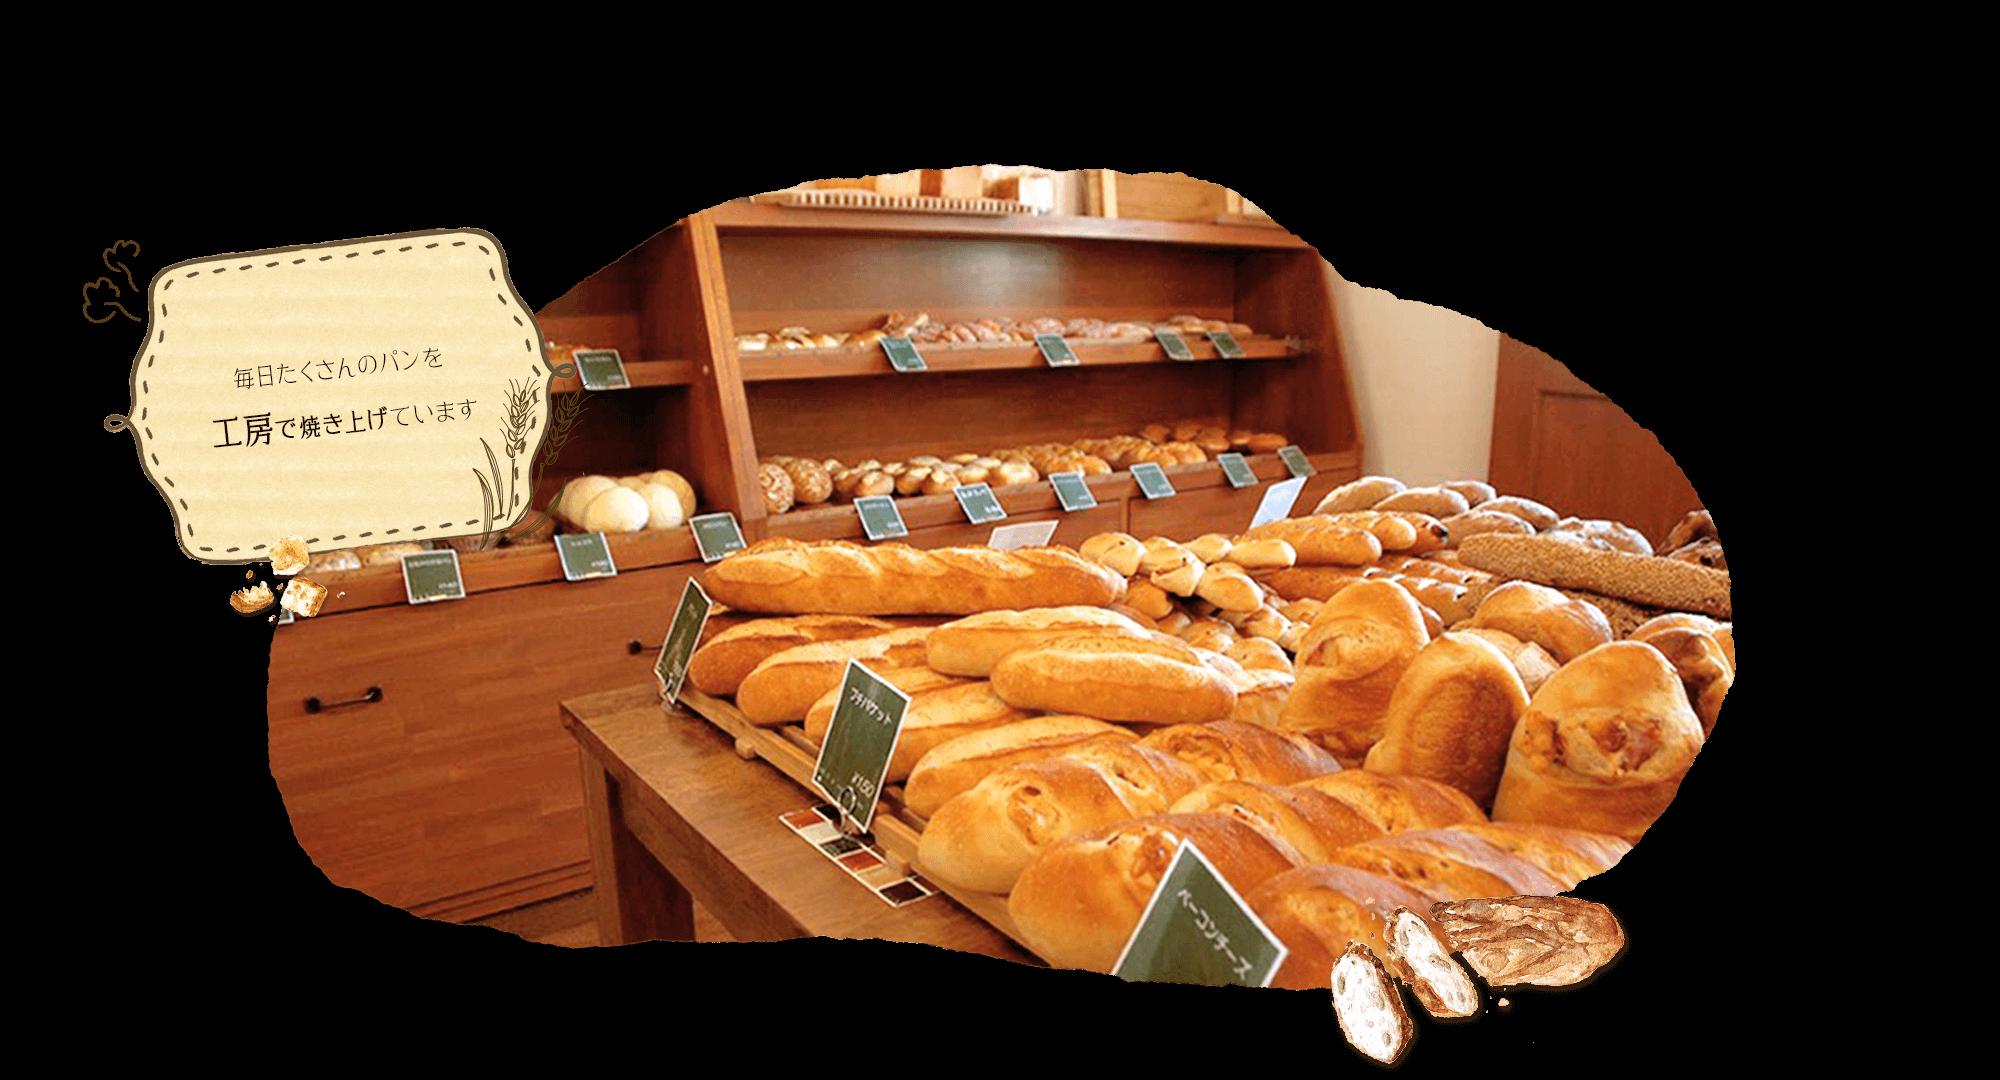 毎日たくさんのパンを工房で焼き上げています